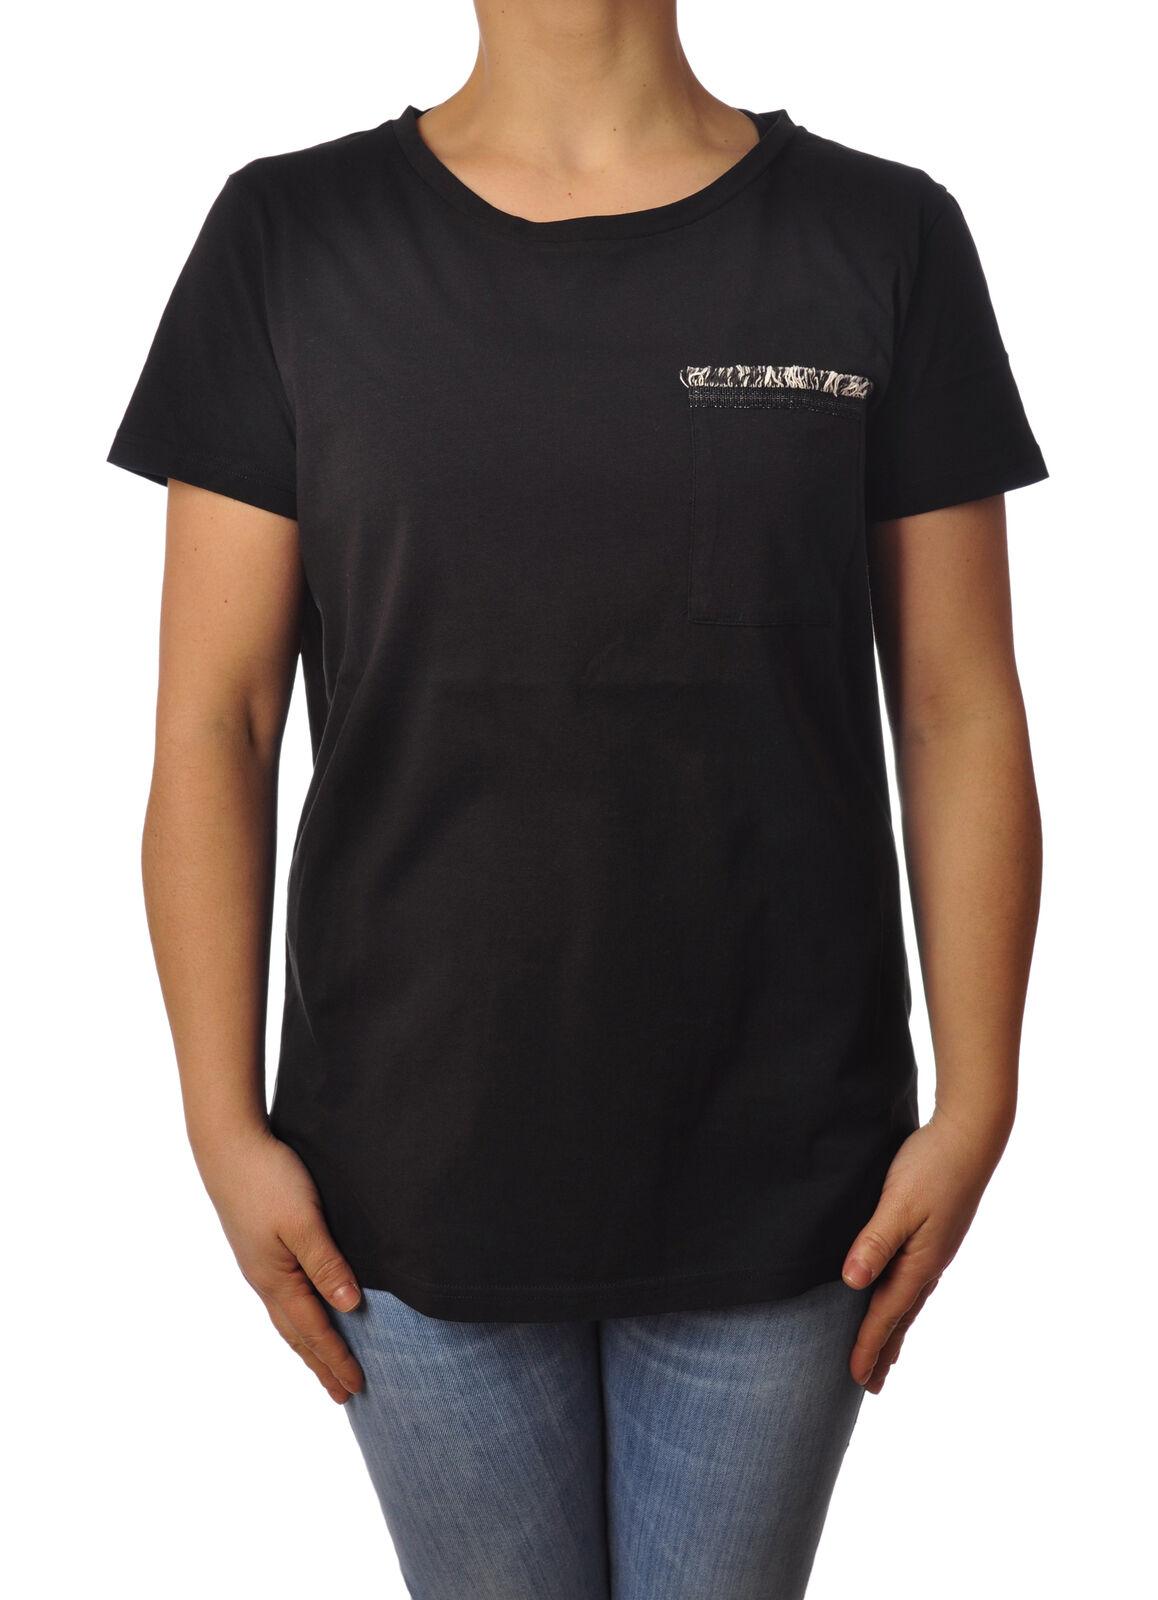 Woolrich - Topwear-T-shirts - Woman - schwarz - 4984210H184136